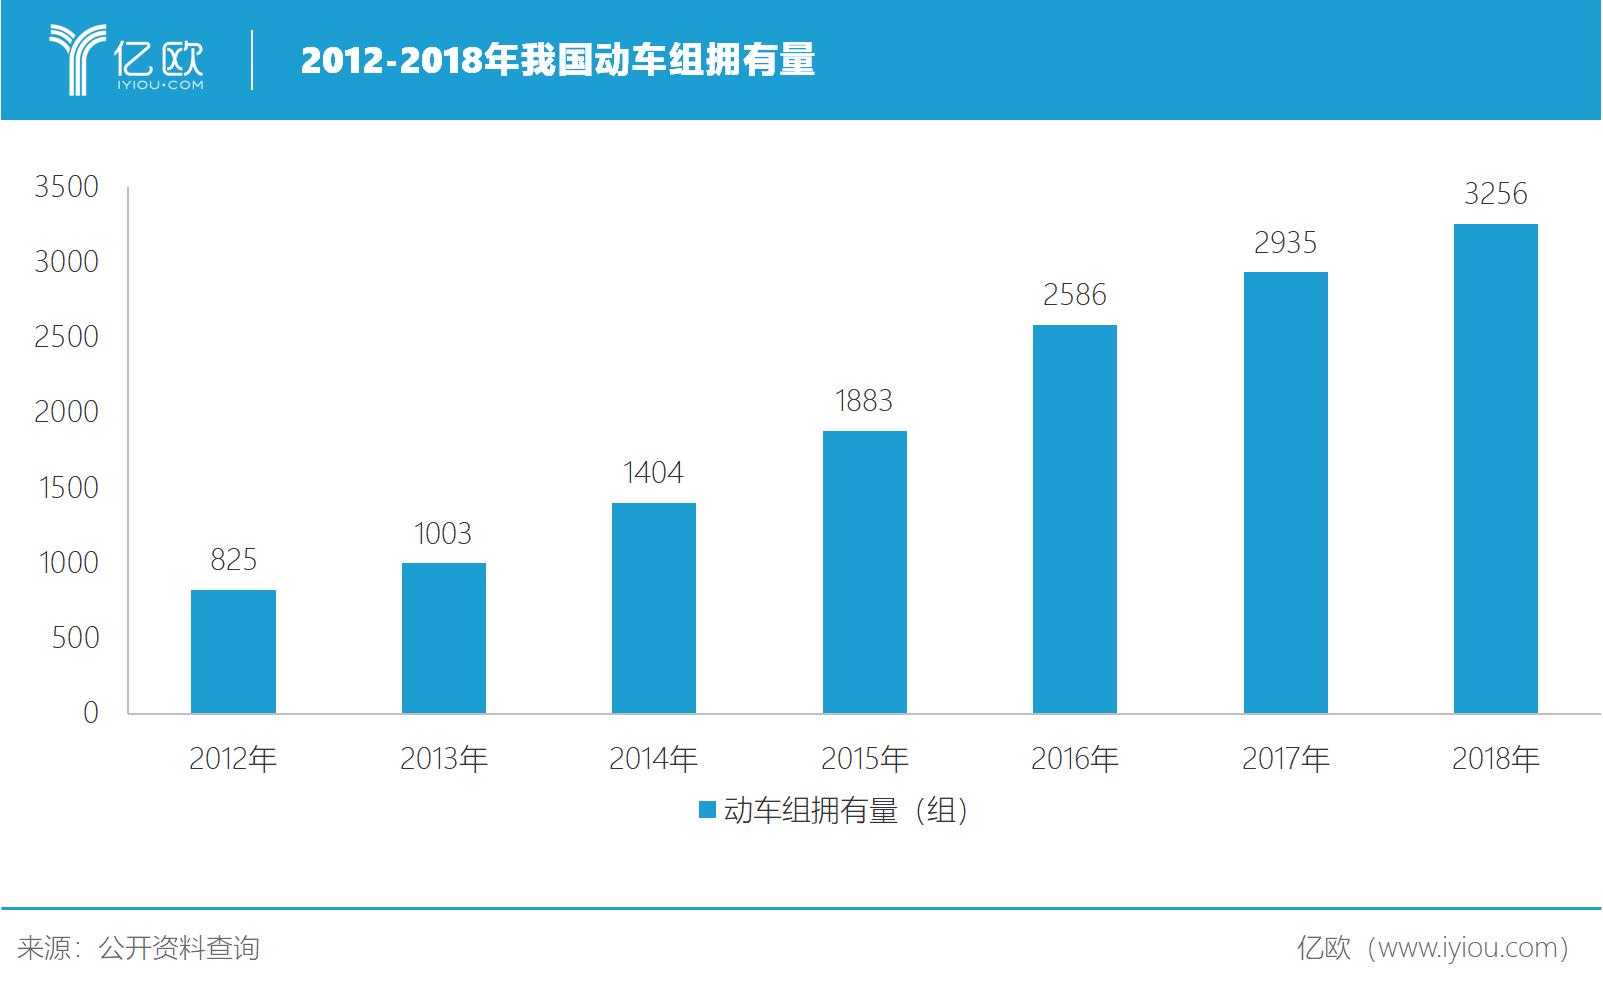 中国动车组拥有量